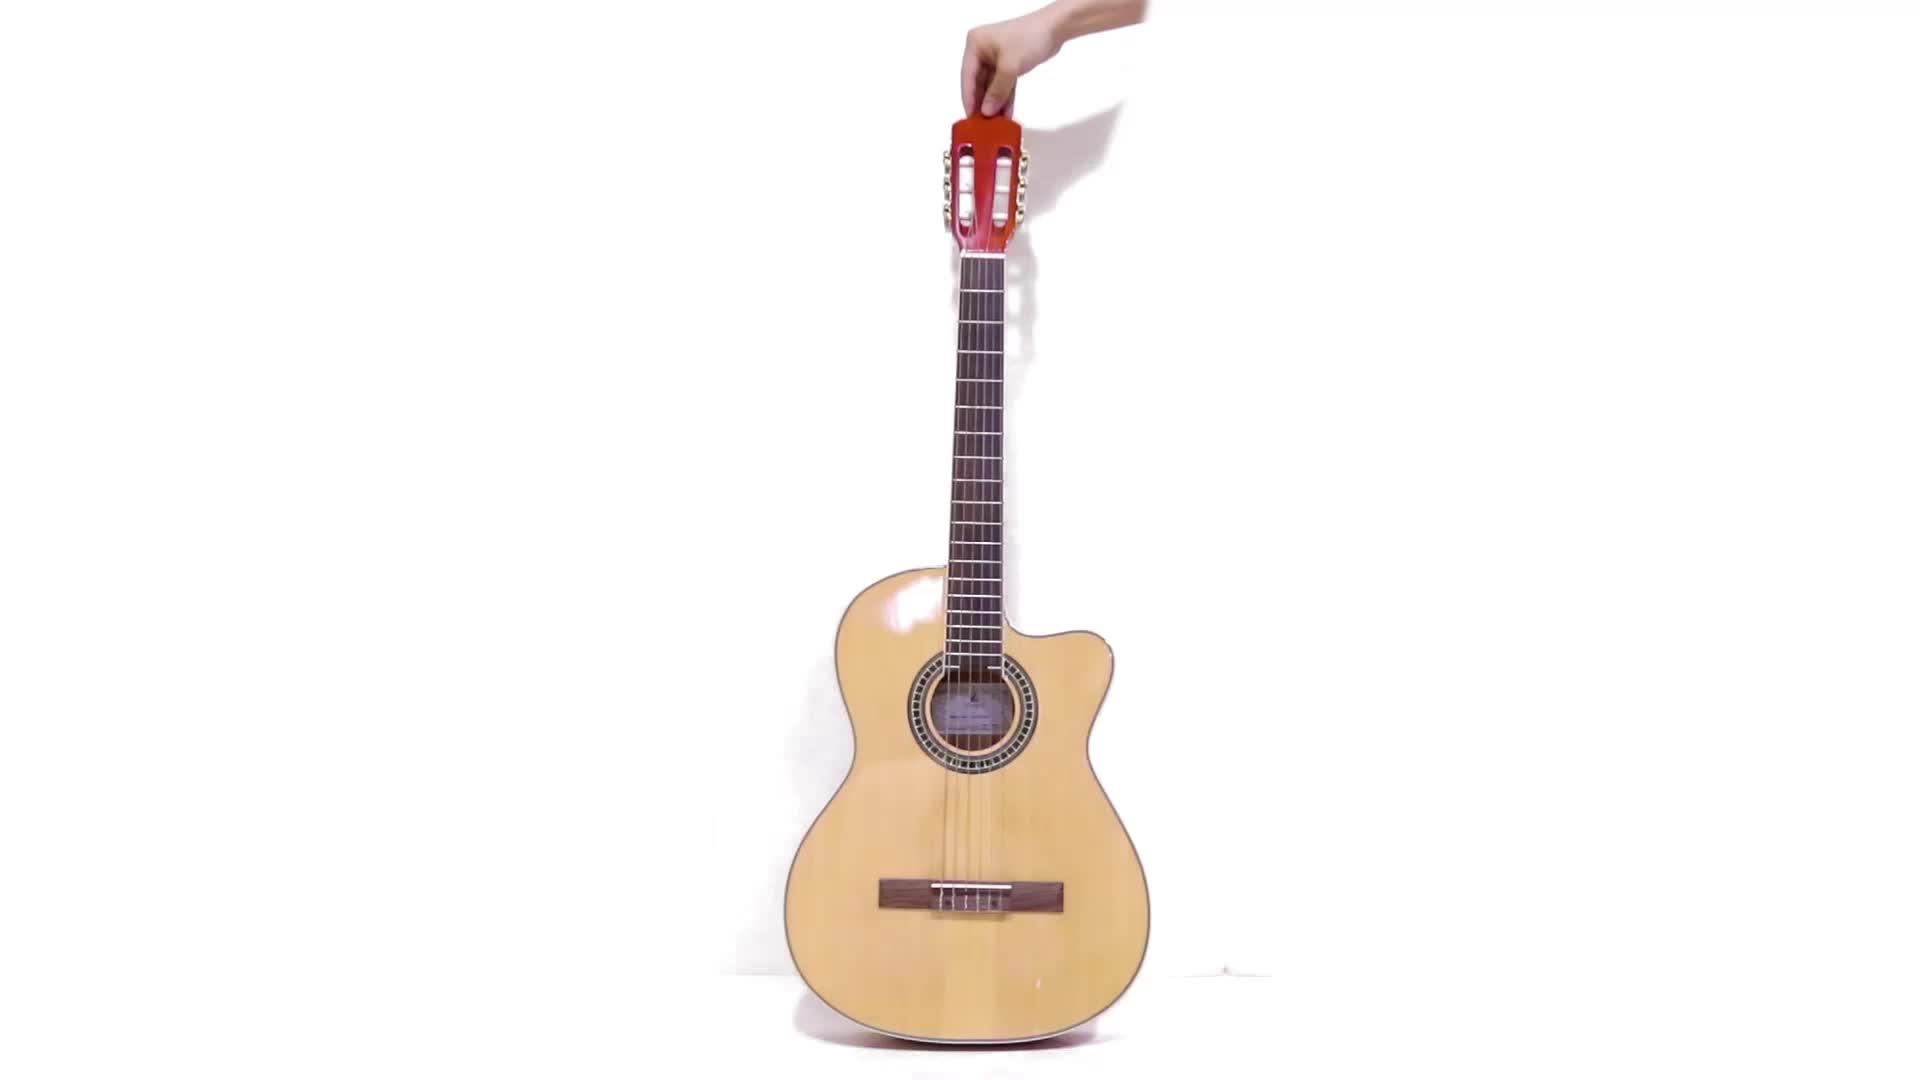 Benutzerdefinierte Dünnen Körper Cutaway Klassische Gitarre